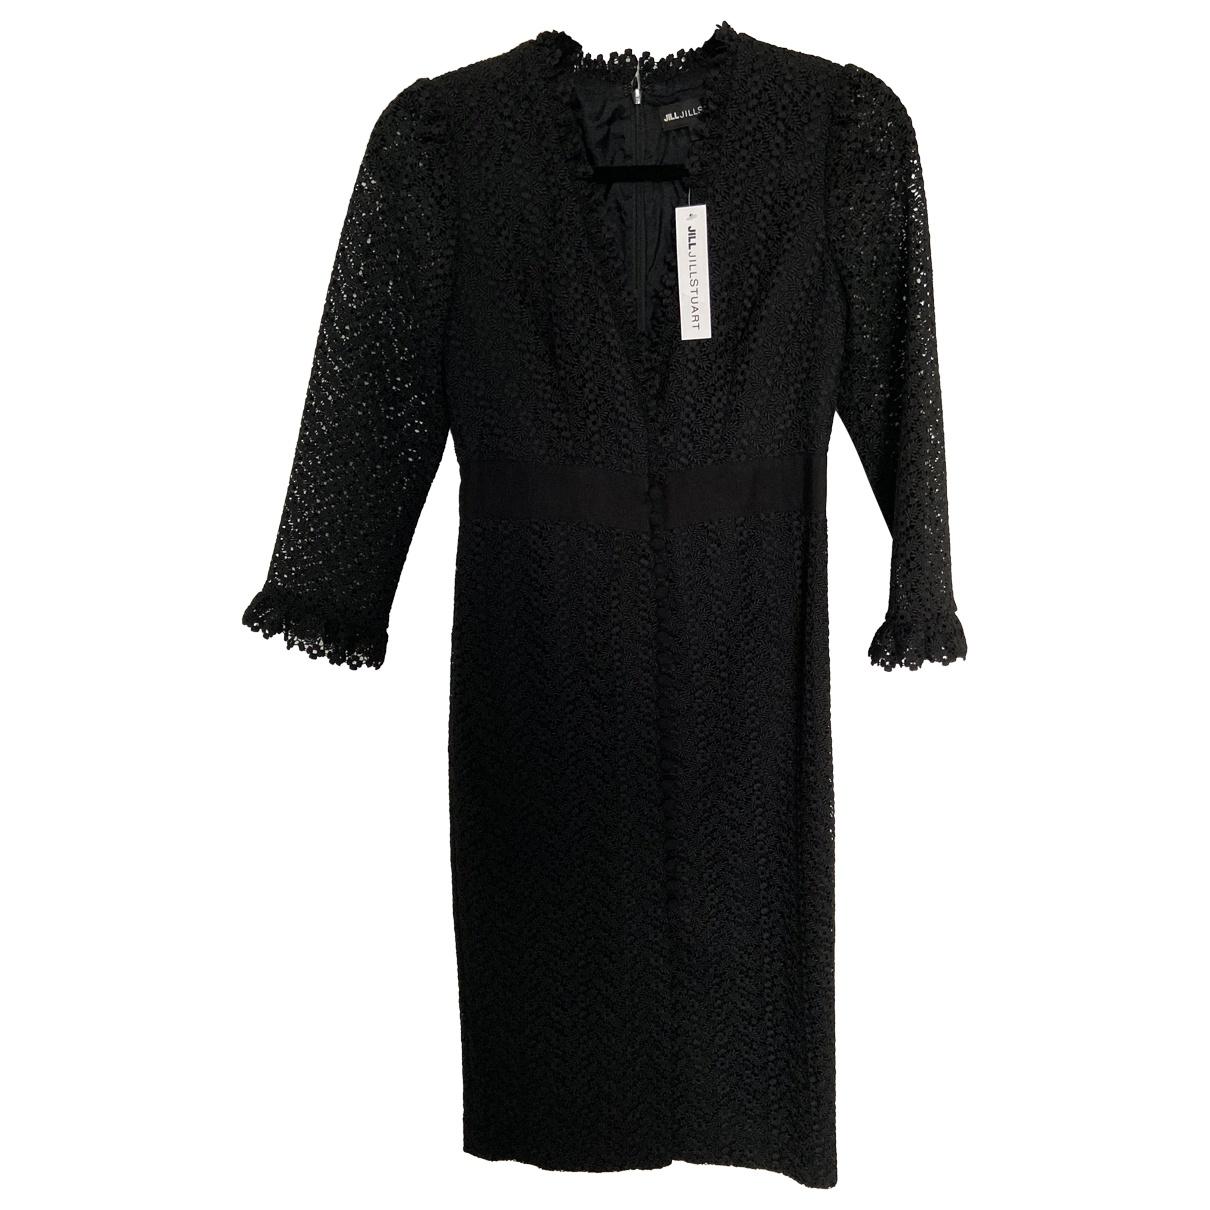 Jill Stuart \N Kleid in  Schwarz Polyester